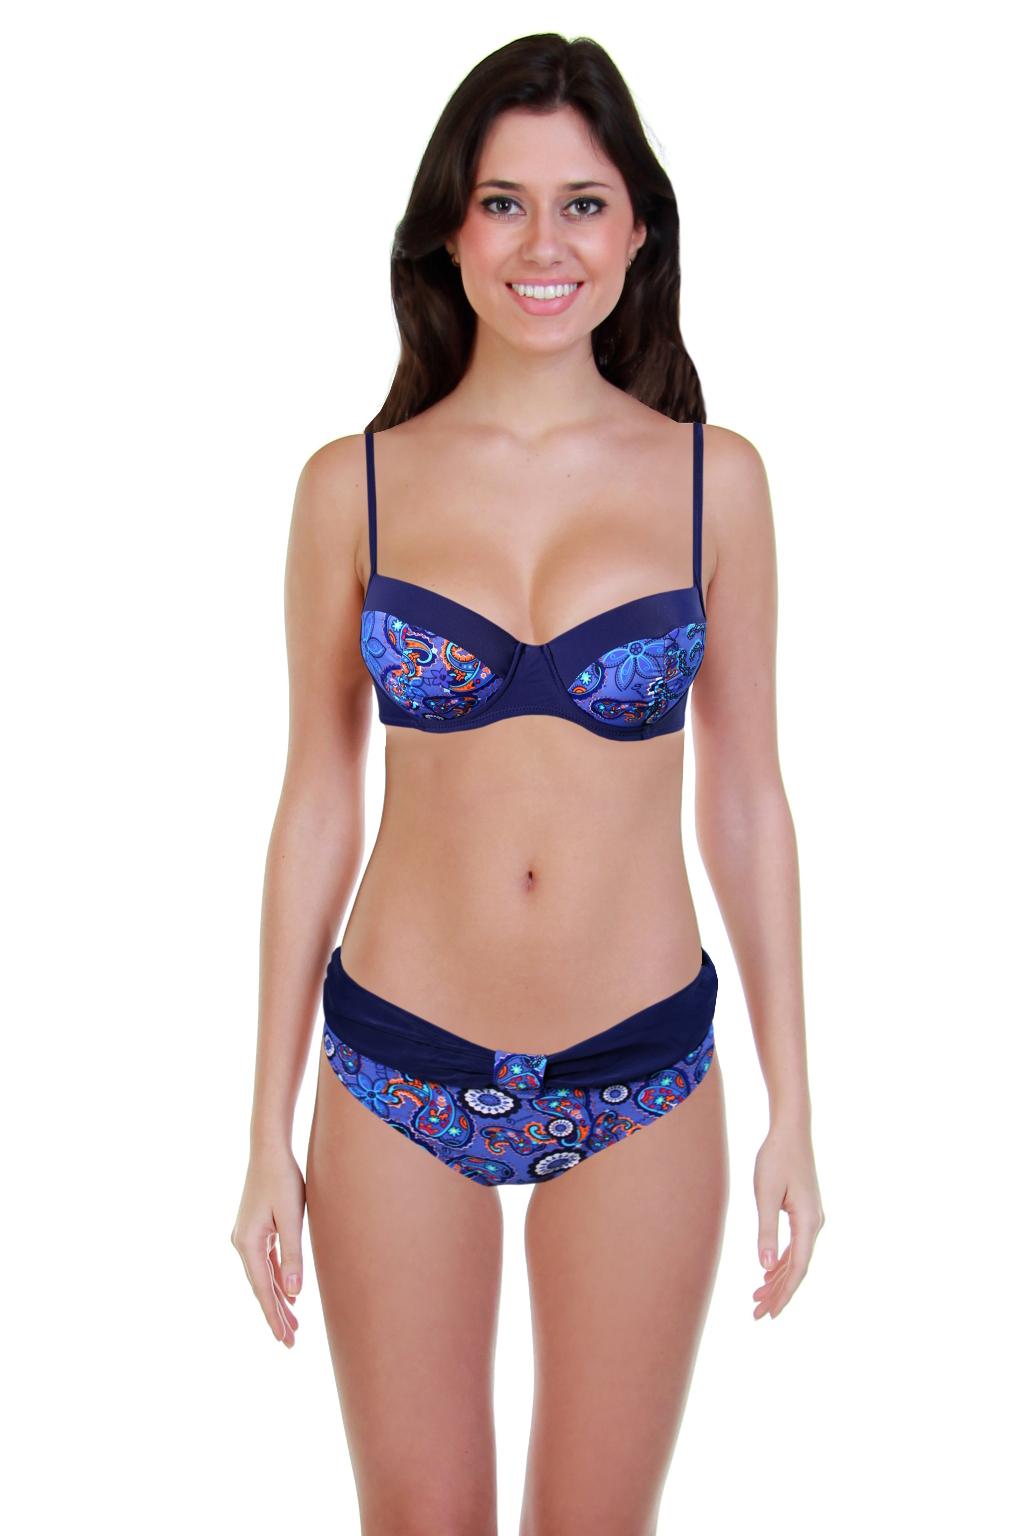 Malaga plavky dvojdílné - výprodej M tmavě modrá